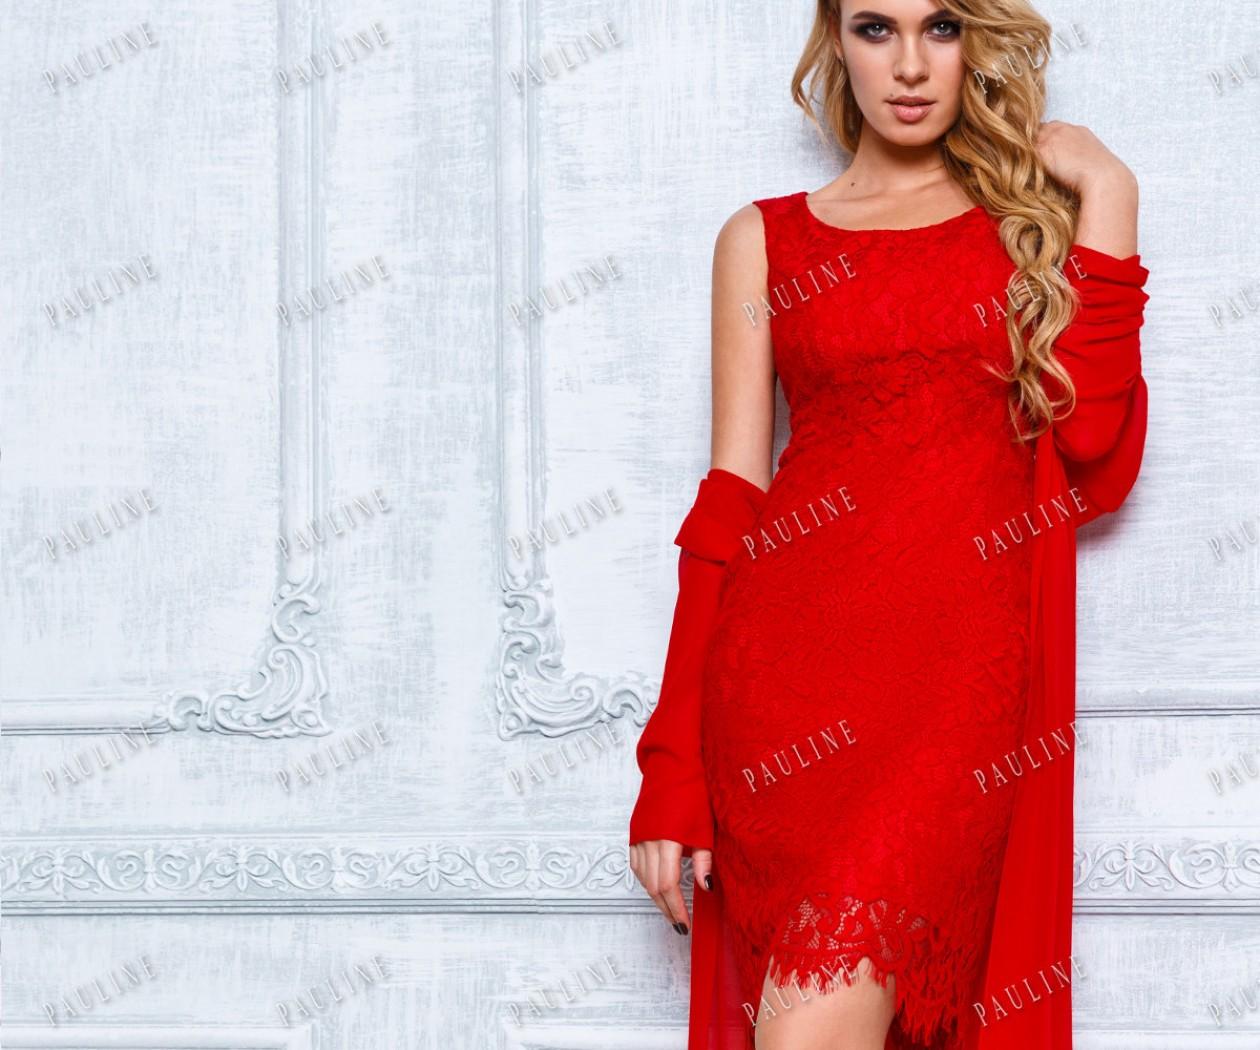 Вечернее платье-комбинация и тонкая жоржетная накидка ФРАНЧИ